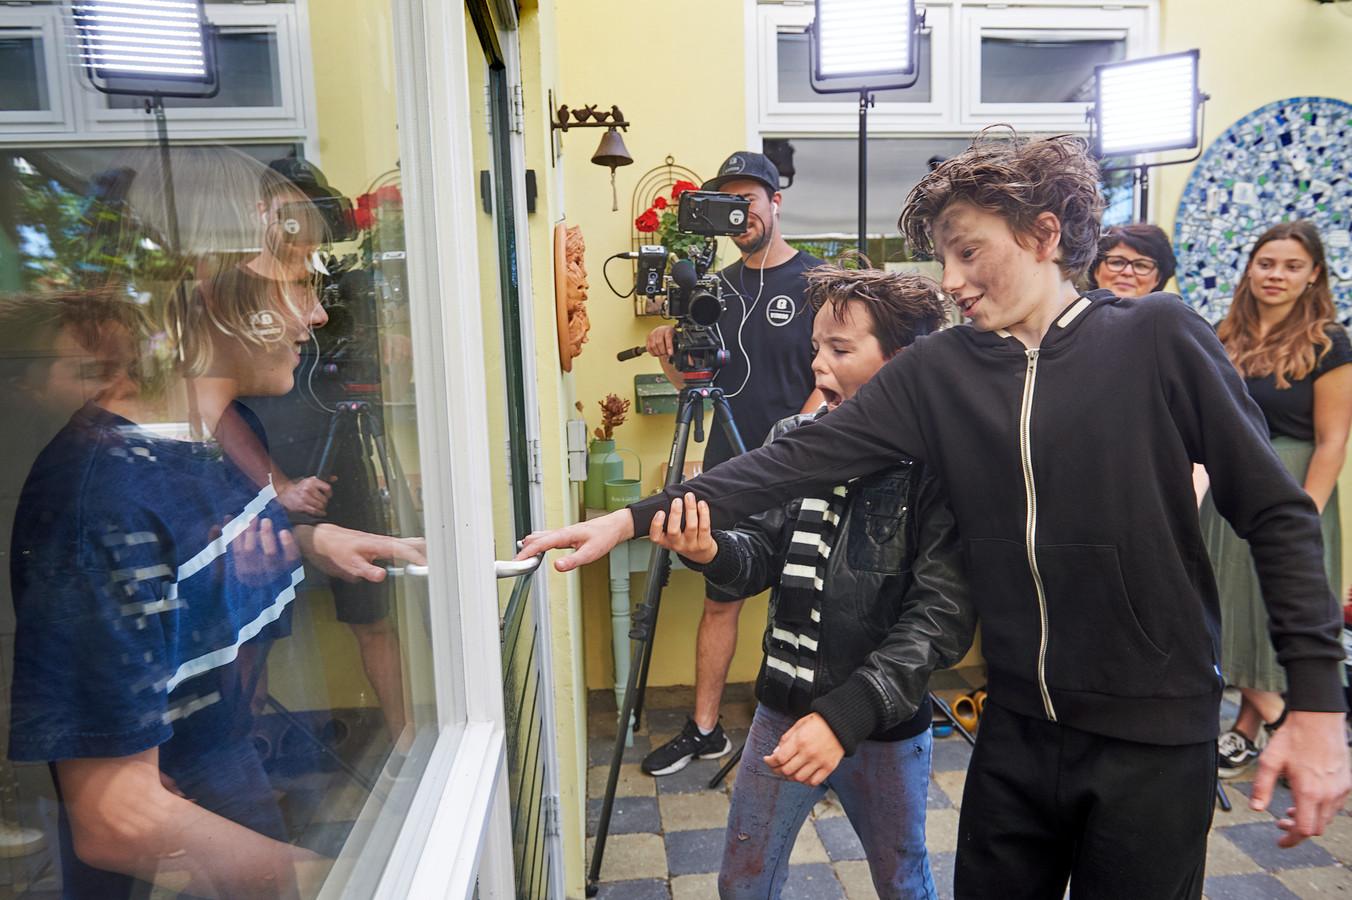 De 'boeven' Stijn en Vince proberen in te breken bij Tijn, Home  Alone. Het is slechts een van de vele scenes uit de film 'We Are Family' van basisschool Camelot uit Uden.